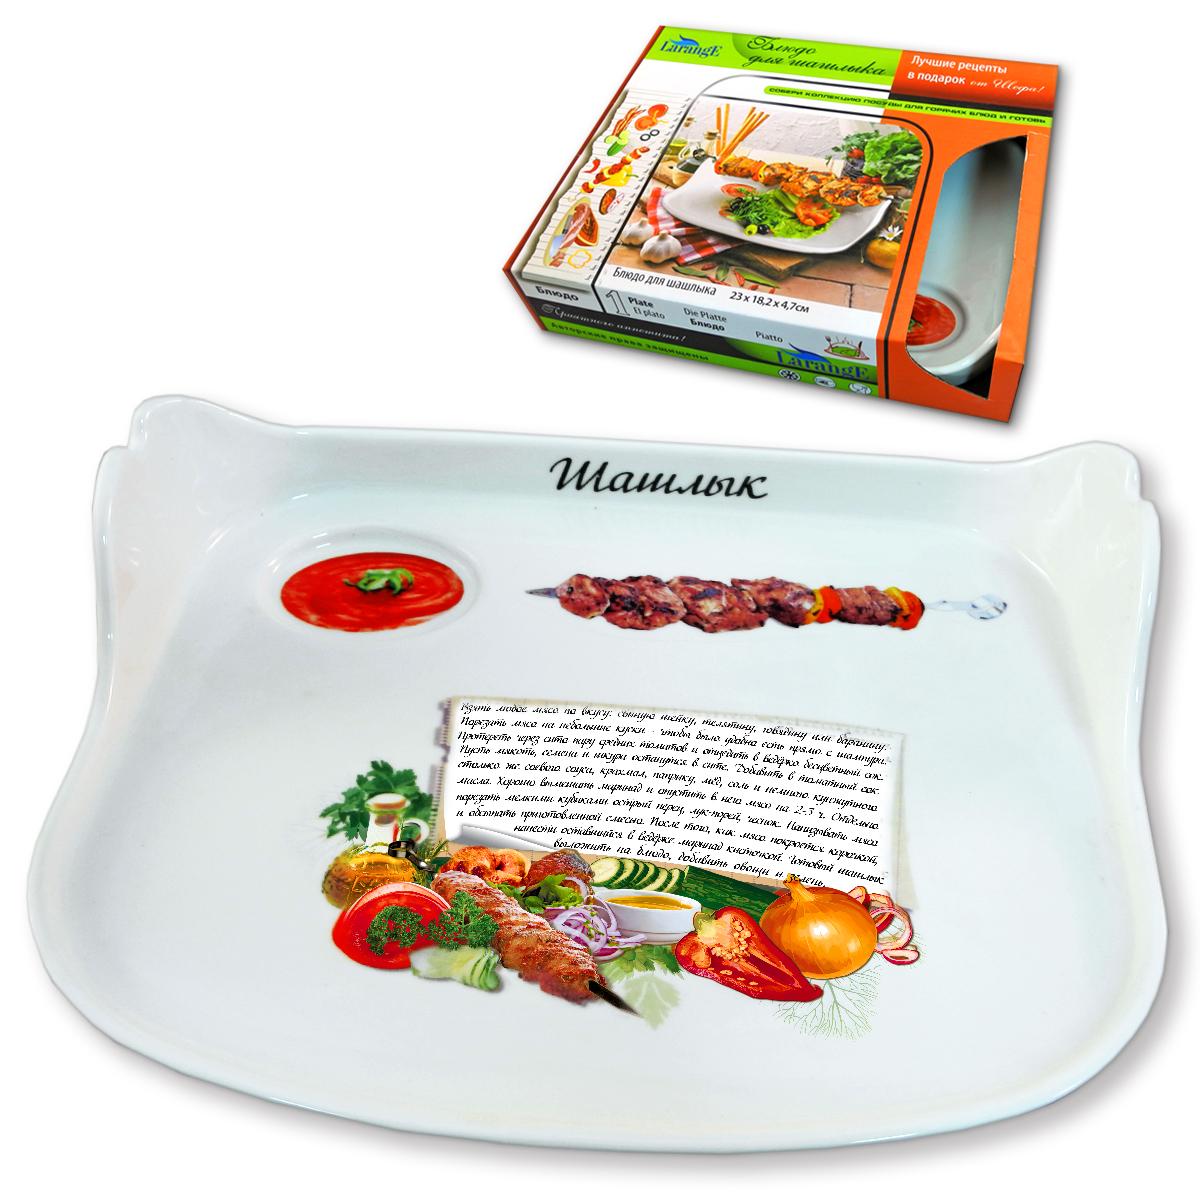 Блюдо для шашлыка LarangE Микс-шашлык, 24,5 х 20 х 4 см598-081Блюдо LarangE Микс-шашлык, выполненное из высококачественного фарфора, порадует вас изящным дизайном и практичностью. Блюдо имеет дополнительное отделение для кетчупа. Стенки блюда декорированы изображением шашлыка. Кроме того, для упрощения процесса приготовления на стенках написан рецепт. В комплект прилагается небольшой буклет с рецептами любимых блюд.Такое блюдо украсит ваш праздничный или обеденный стол, а оригинальное исполнение понравится любой хозяйке.Можно использовать в микроволновой печи, духовом шкафу, посудомоечной машине, холодильнике. Не применять абразивные чистящие вещества.